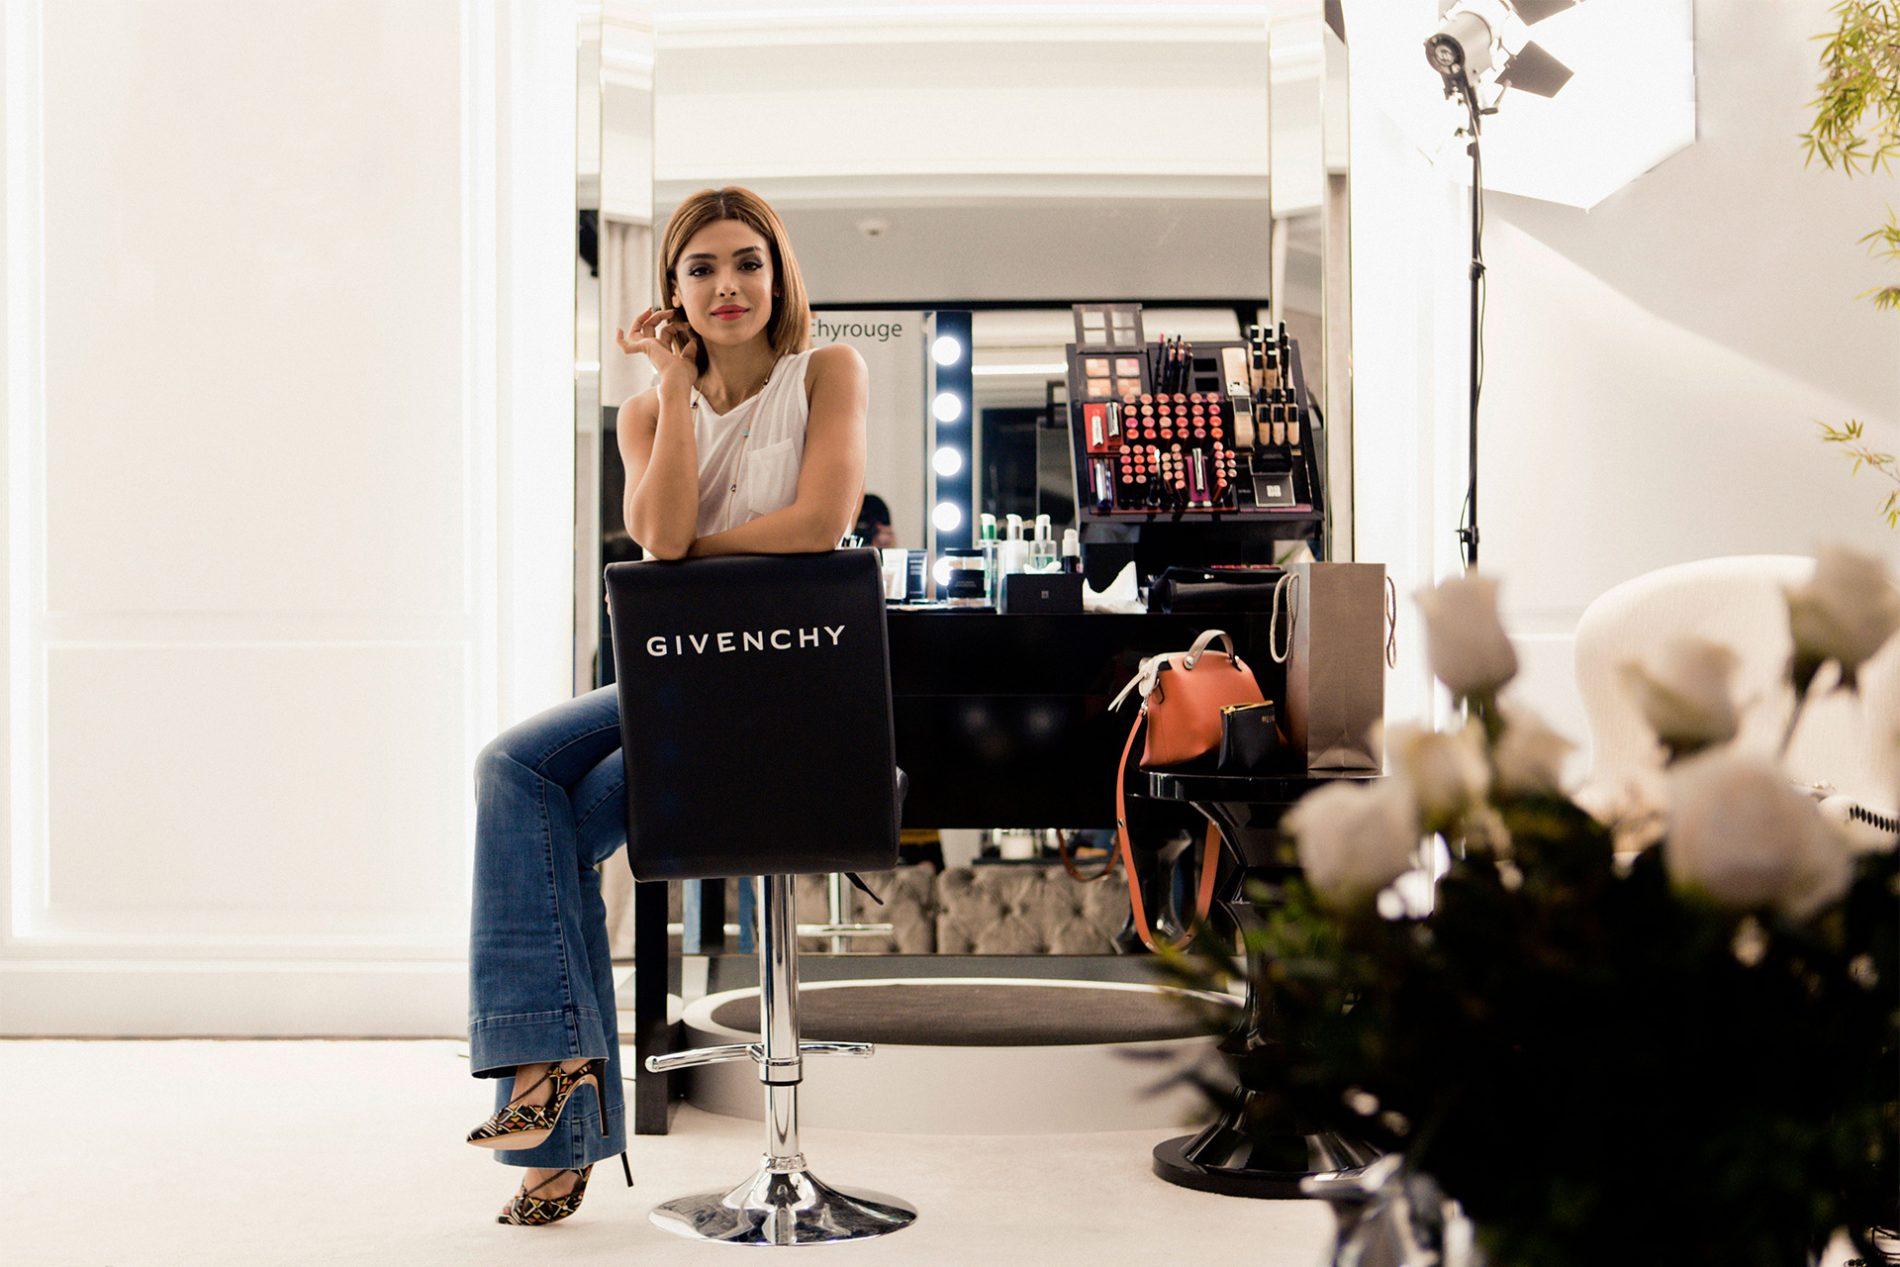 Yalda Golsharifi Blogger Givenchy Makeup Madrid